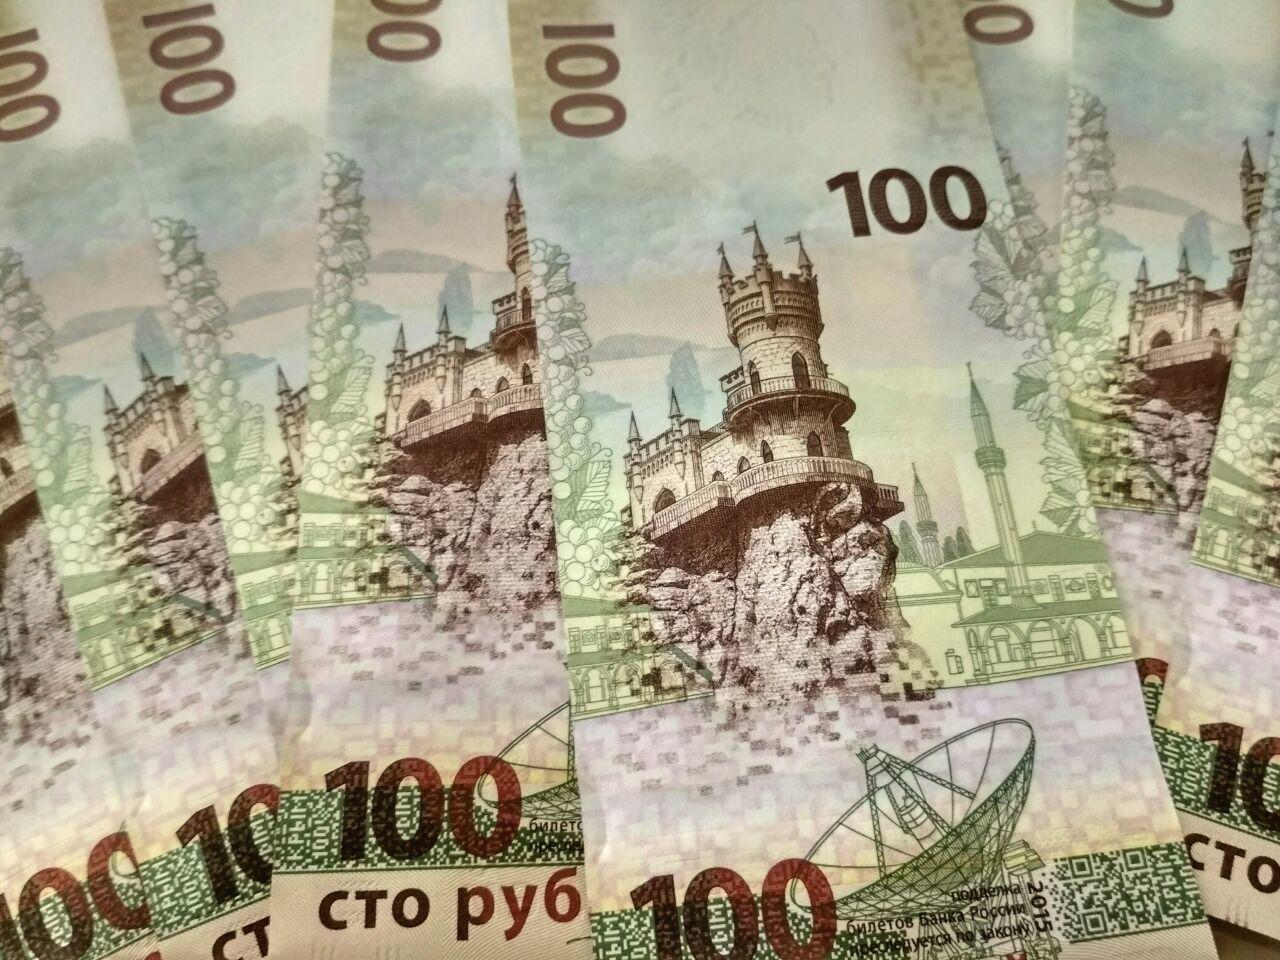 100 рублей крым википедия монеты китая каталог с фото современные